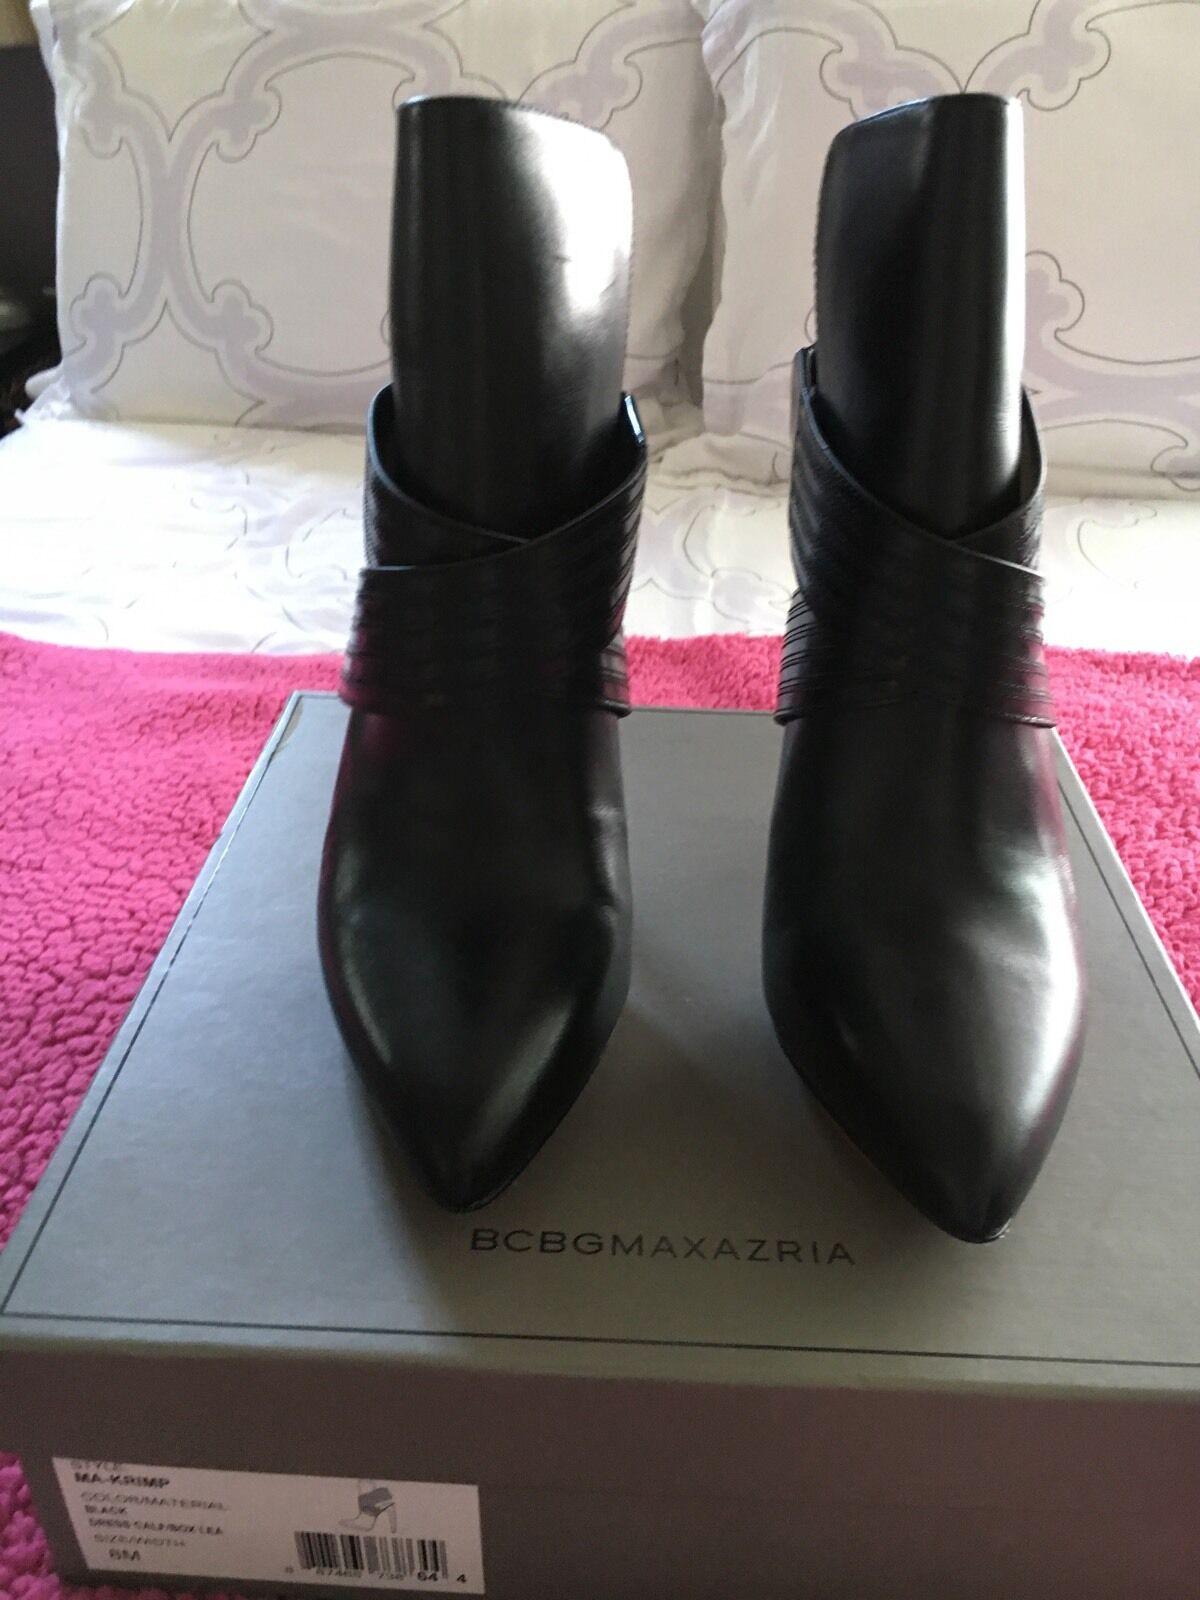 BCBG MAX AZRIA - NWB NWB NWB - Krimp Black Leather Booties - Size 8 a7c203